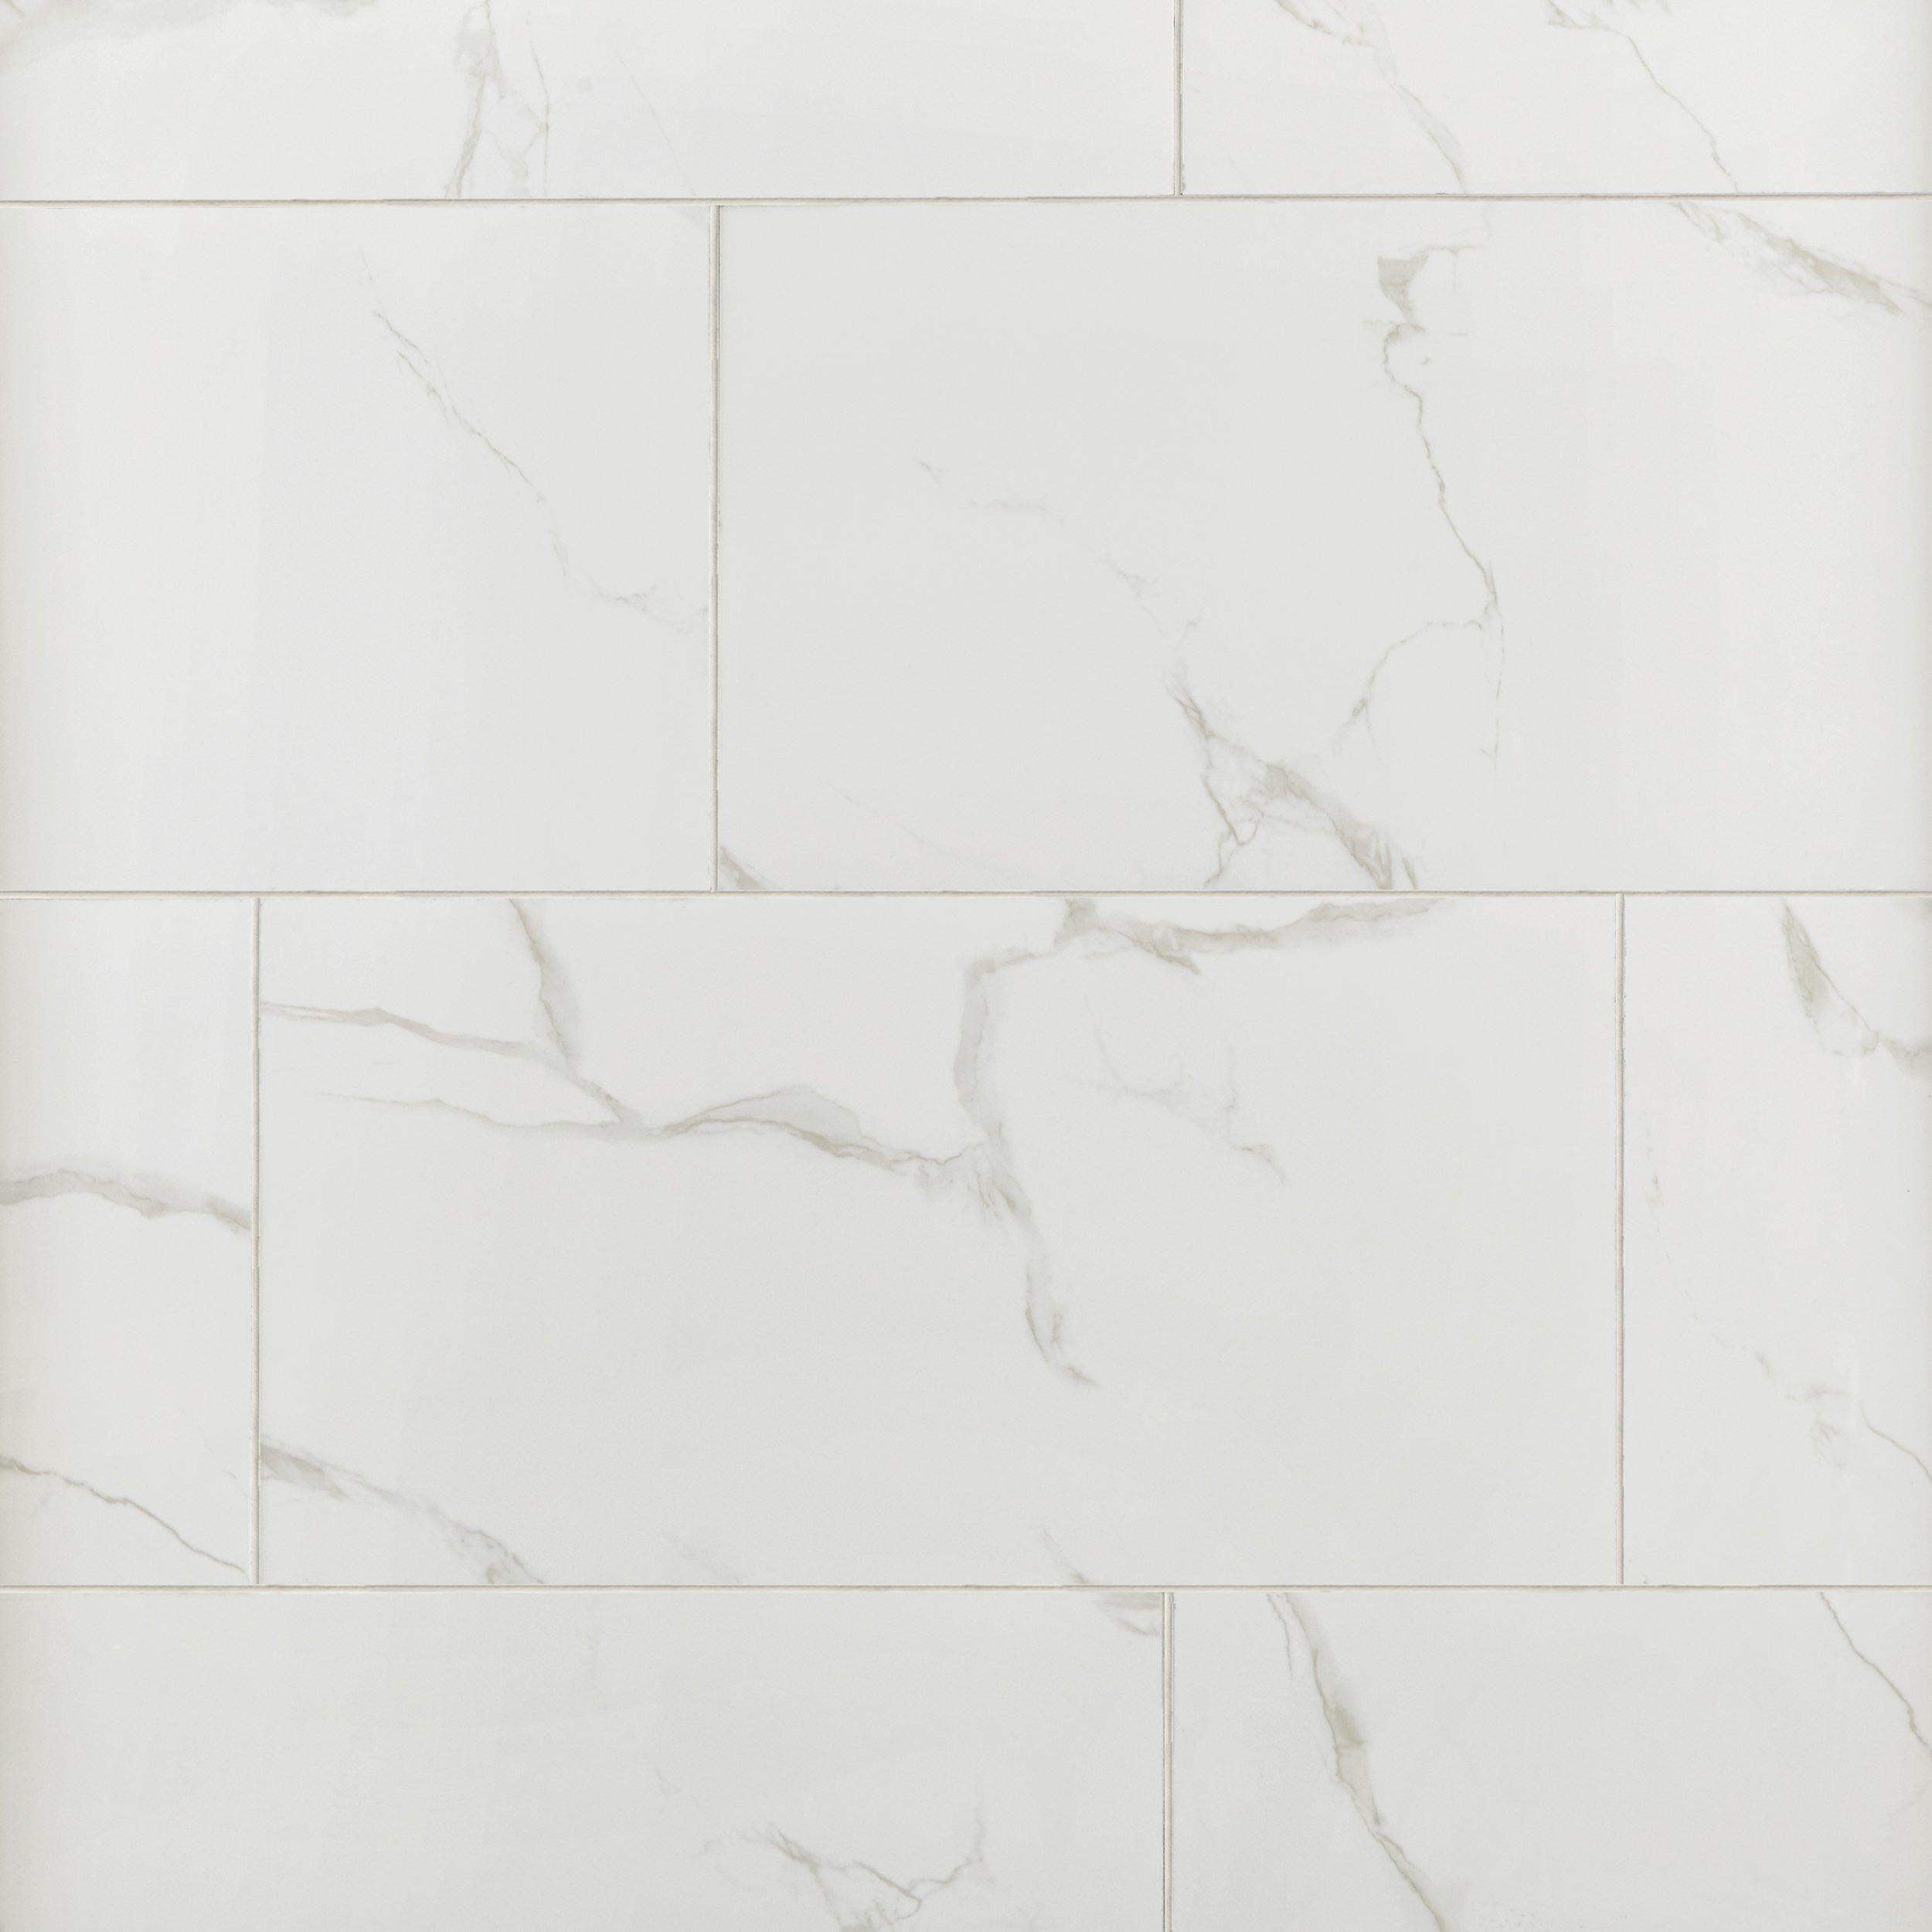 Roman White Porcelain Tile | New Master Bathroom | Pinterest ...